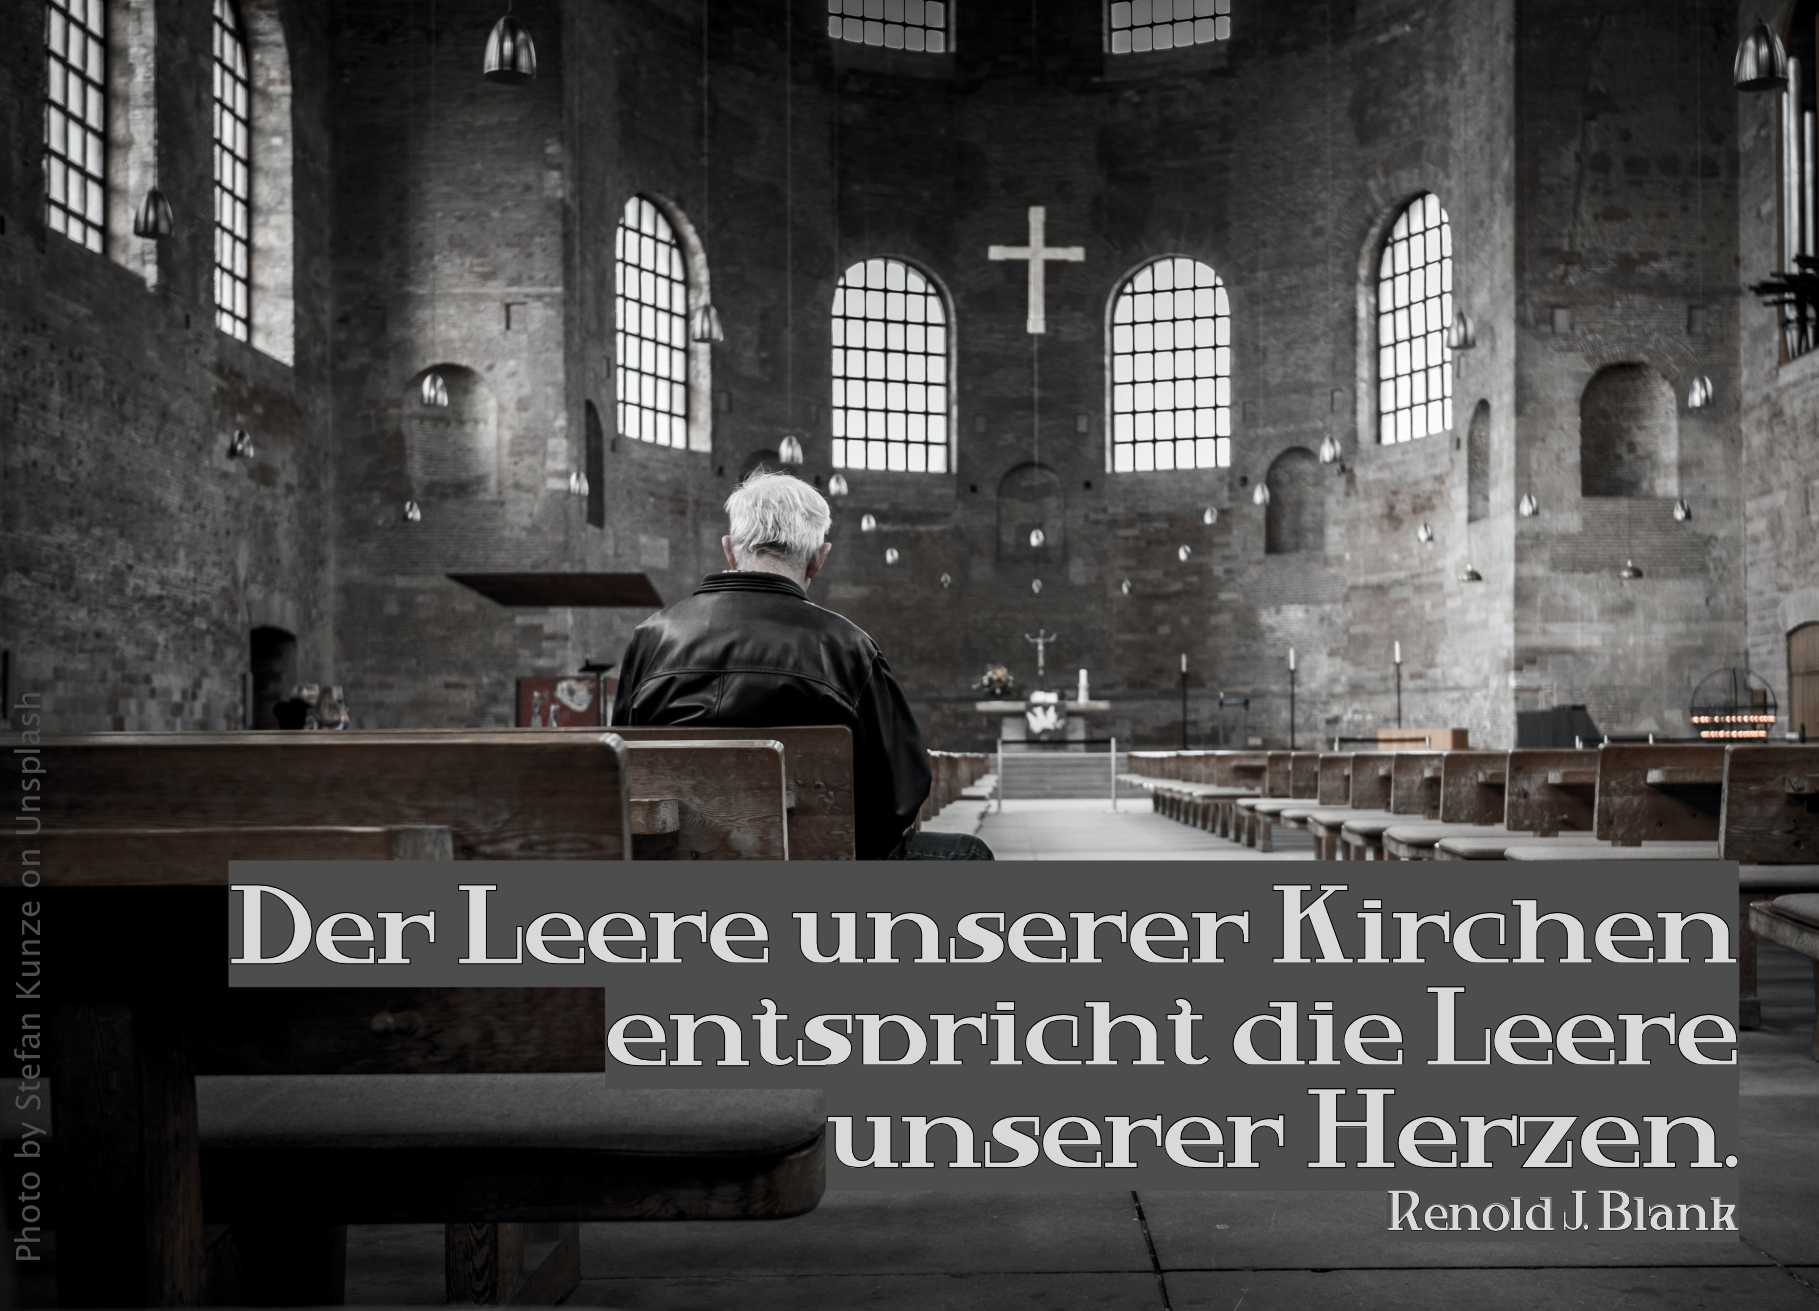 Ein Mann sitz alleine in großer Kirche